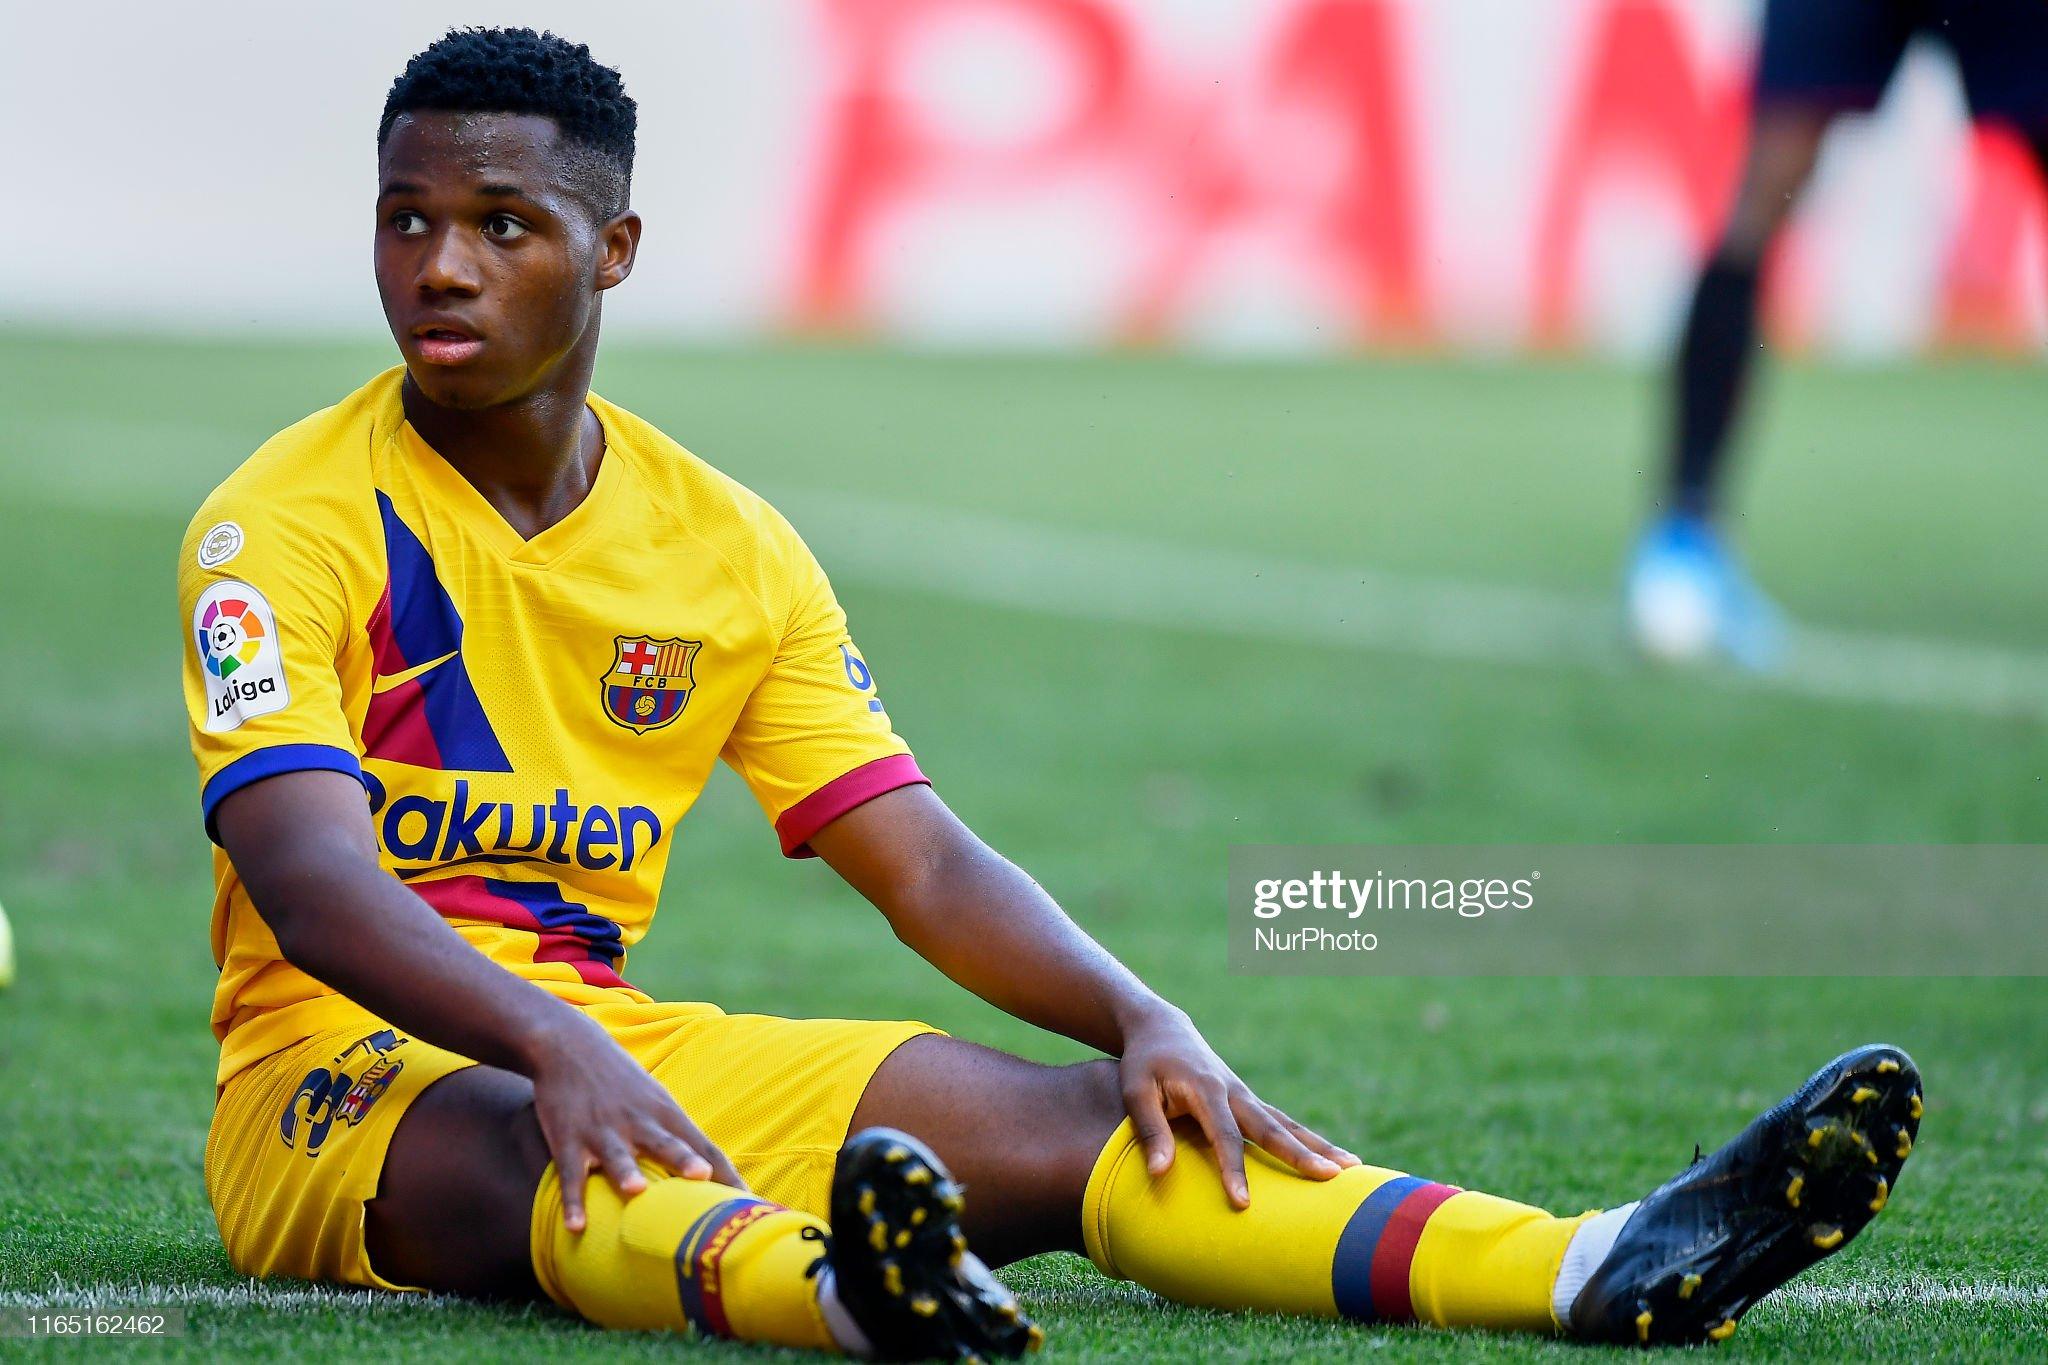 صور مباراة : أوساسونا - برشلونة 2-2 ( 31-08-2019 )  Ansu-fati-of-barcelona-during-the-liga-match-between-ca-osasuna-and-picture-id1165162462?s=2048x2048